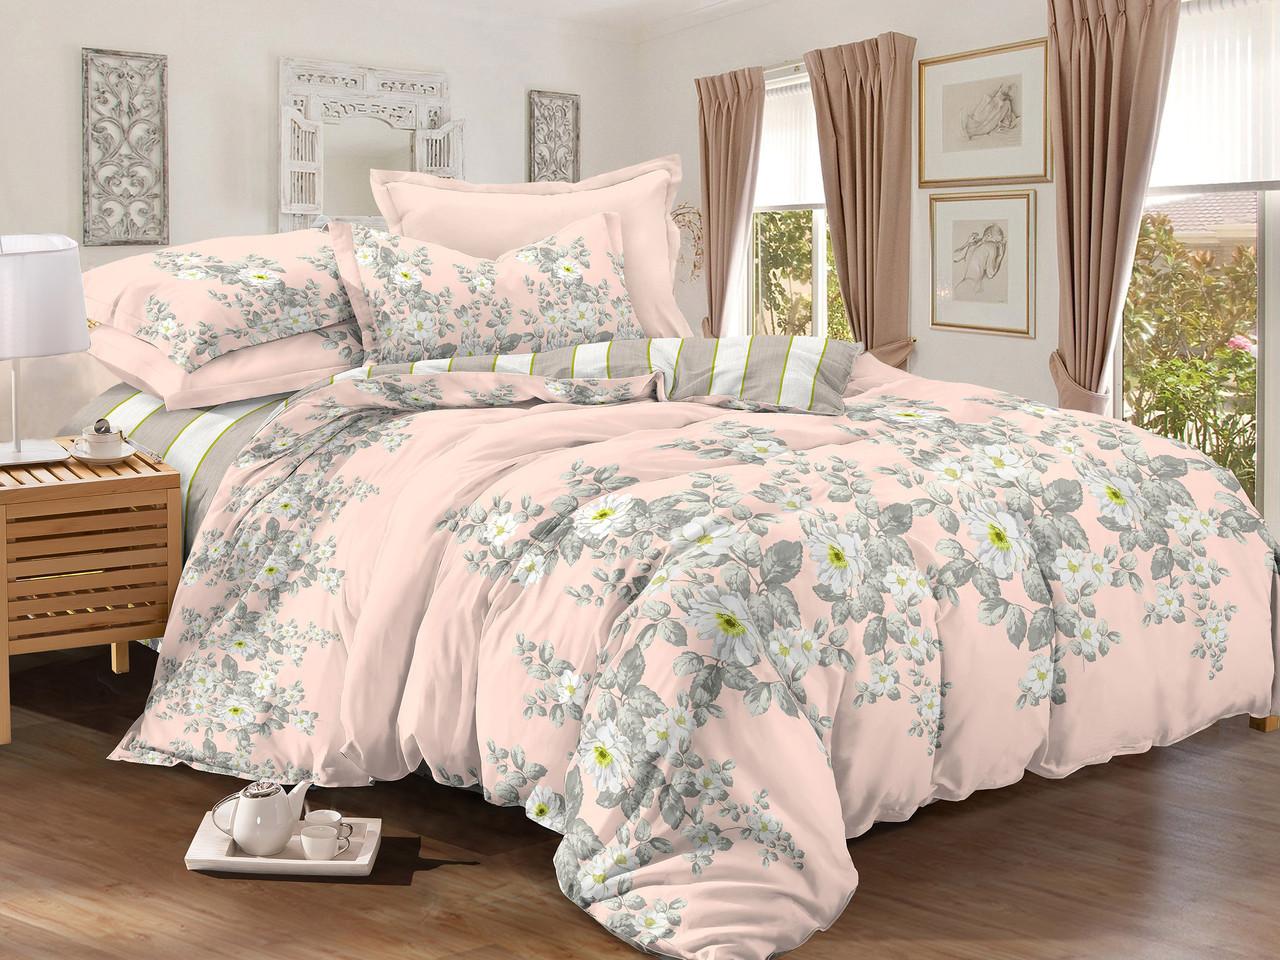 Купить Комплекты постельного белья Примавера, Постельное белье Norm (2 спал.), Китай, Розовый, Серый, Хлопковый сатин